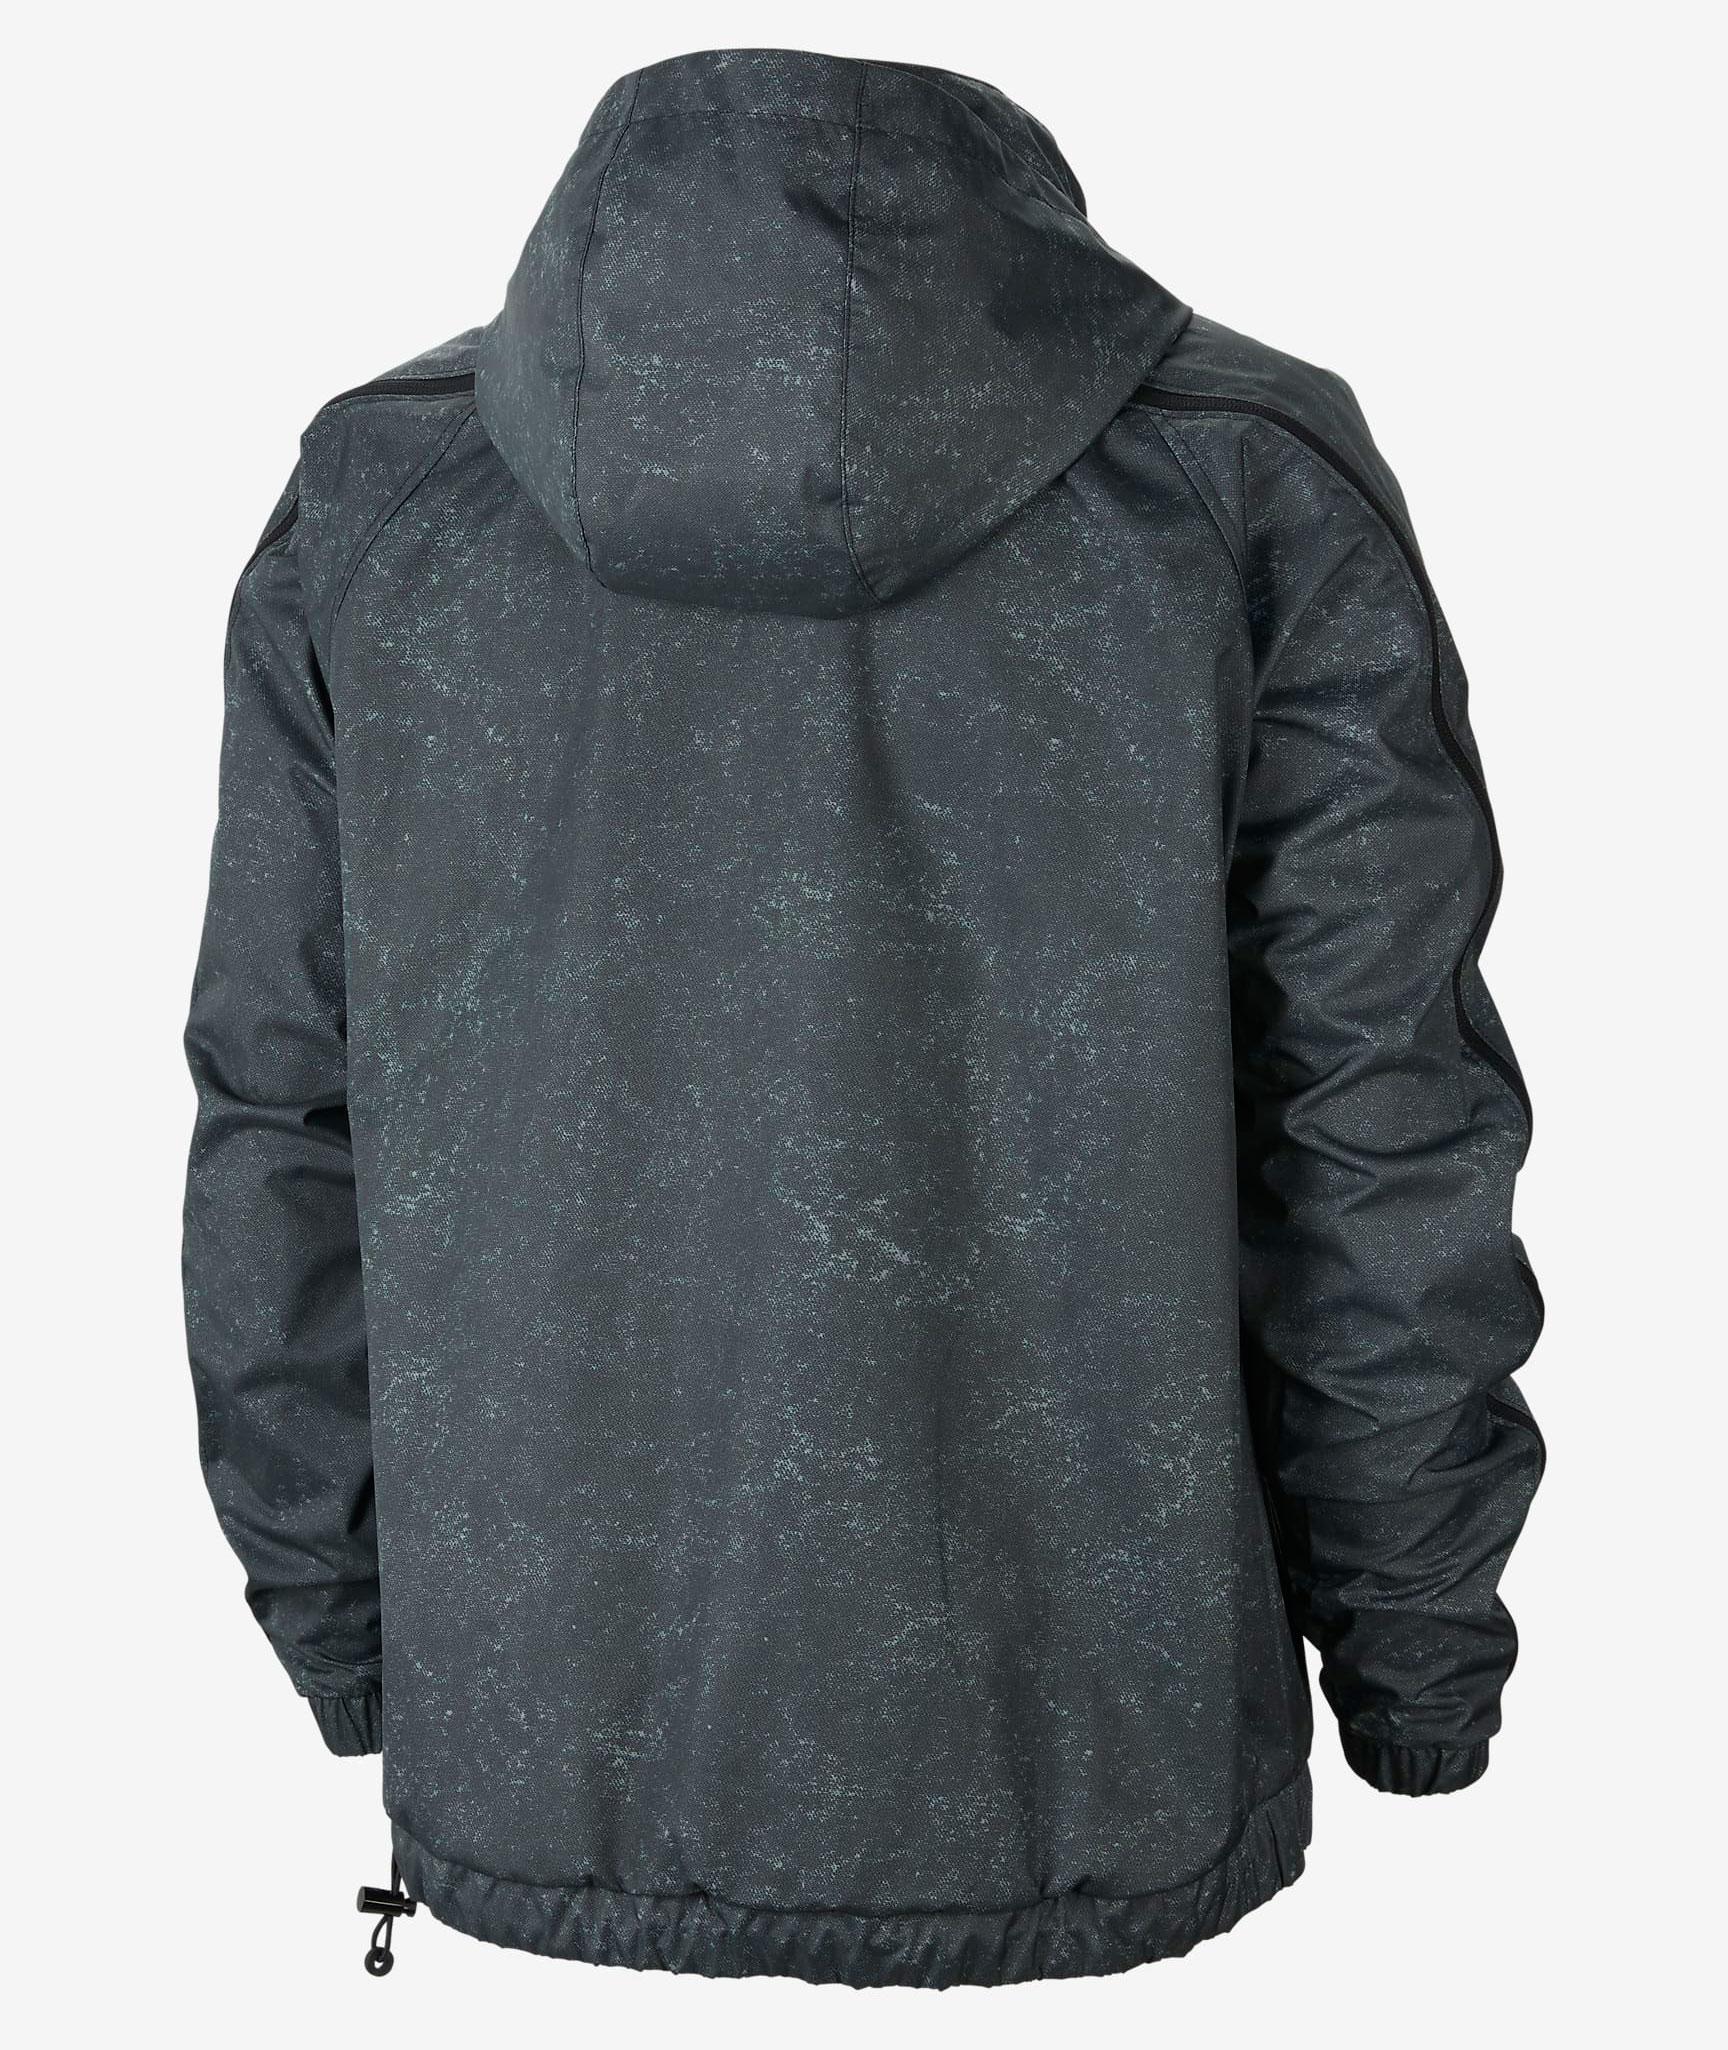 nike-nba-team-31-jacket-2